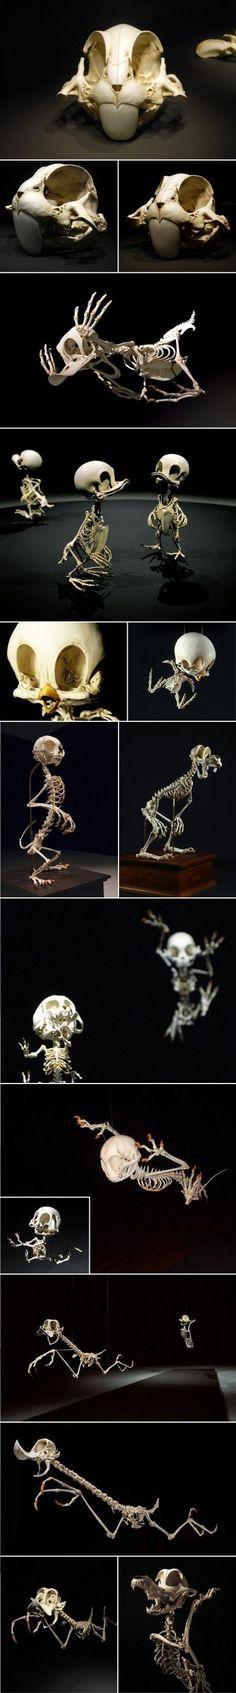 Skeletons of Disney Characters!